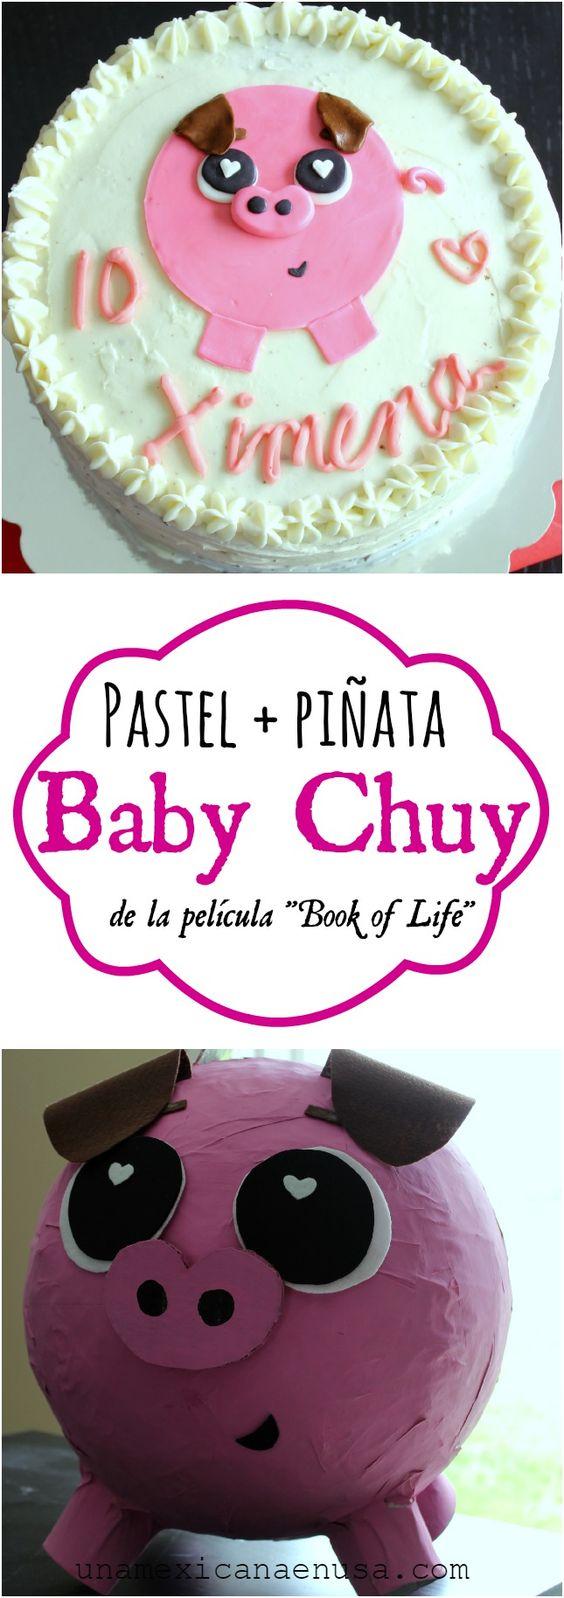 Baby Chuy piñata + pastel: inspirada en la película Book of life